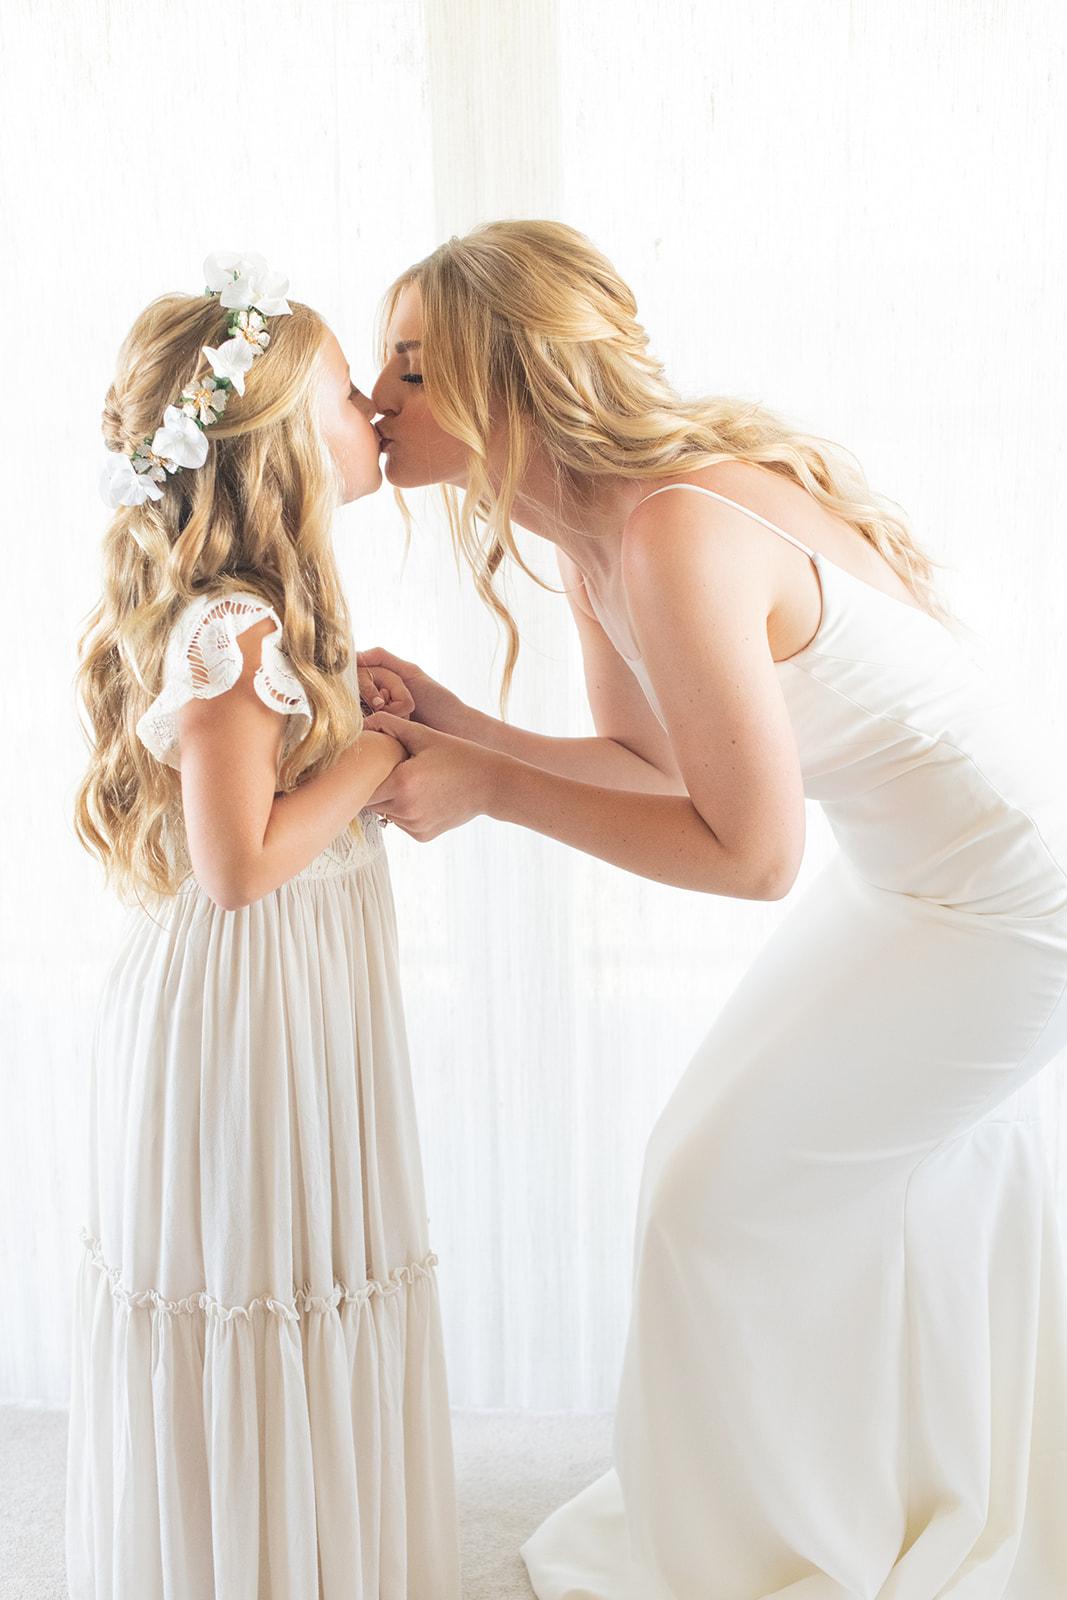 bride and flower girl spokane wedding